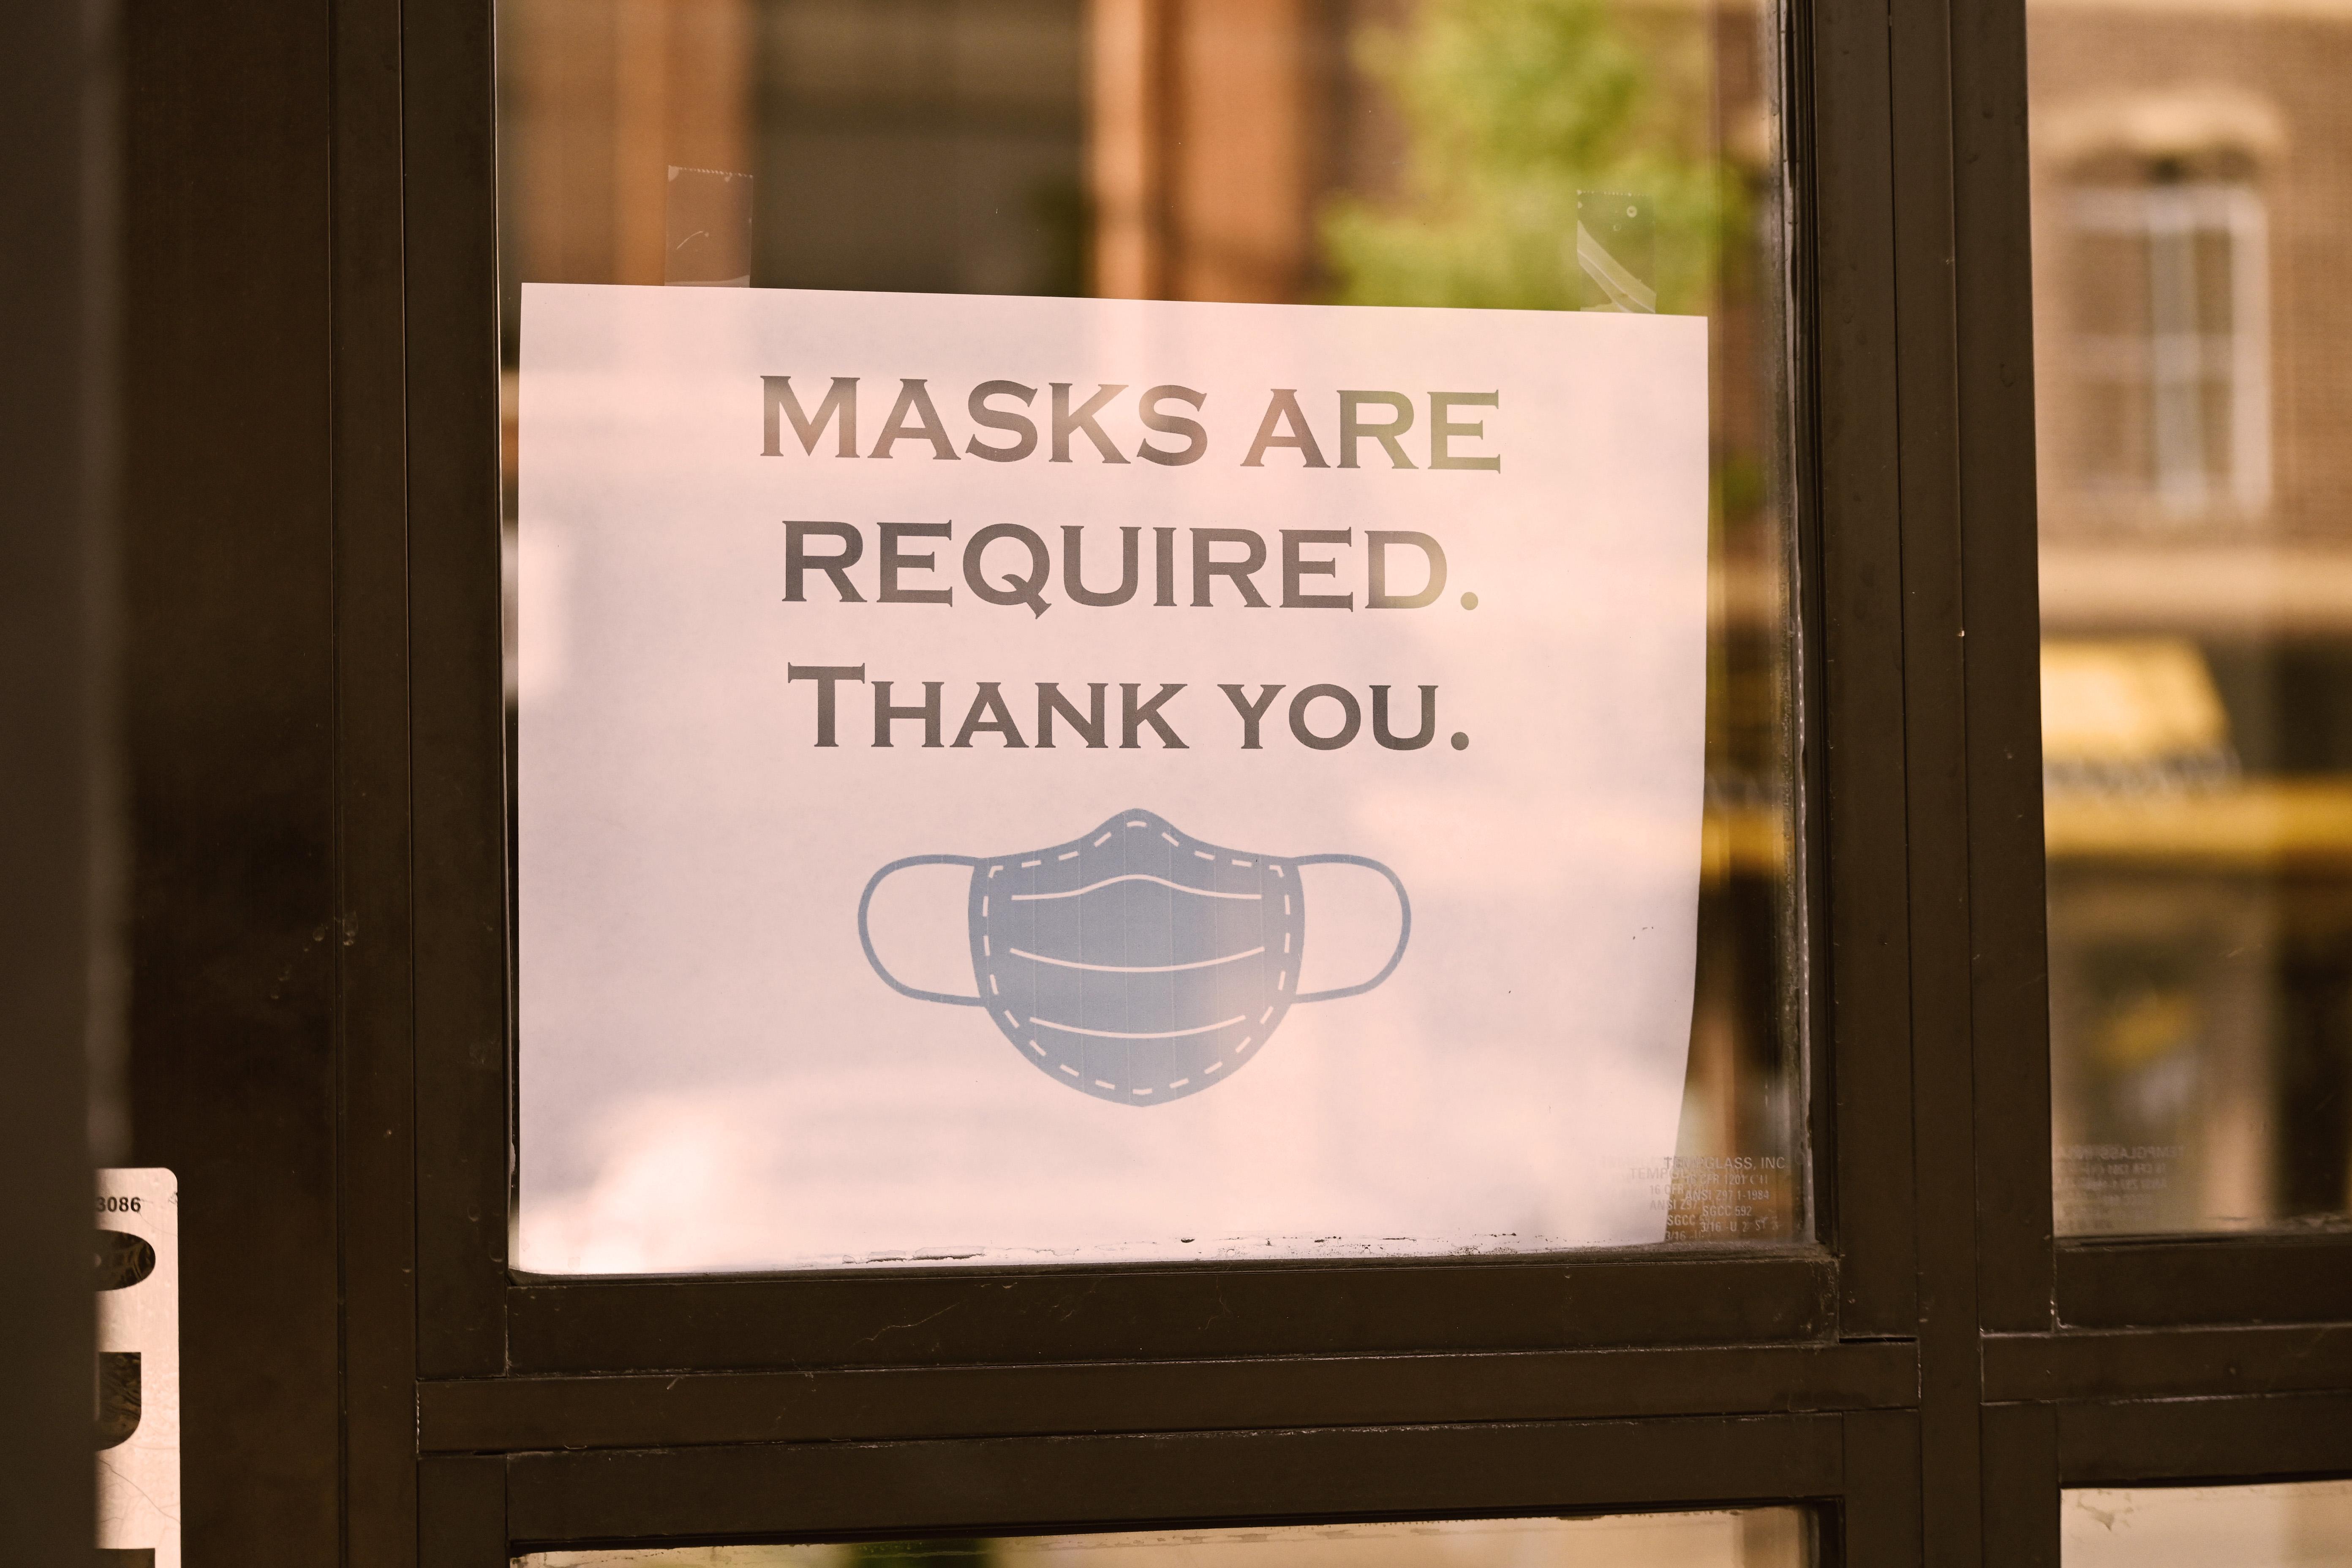 """窗户上有个纸标牌,上面写着""""需戴口罩""""。谢谢你!,上面是一张一次性纸口罩的图片。"""